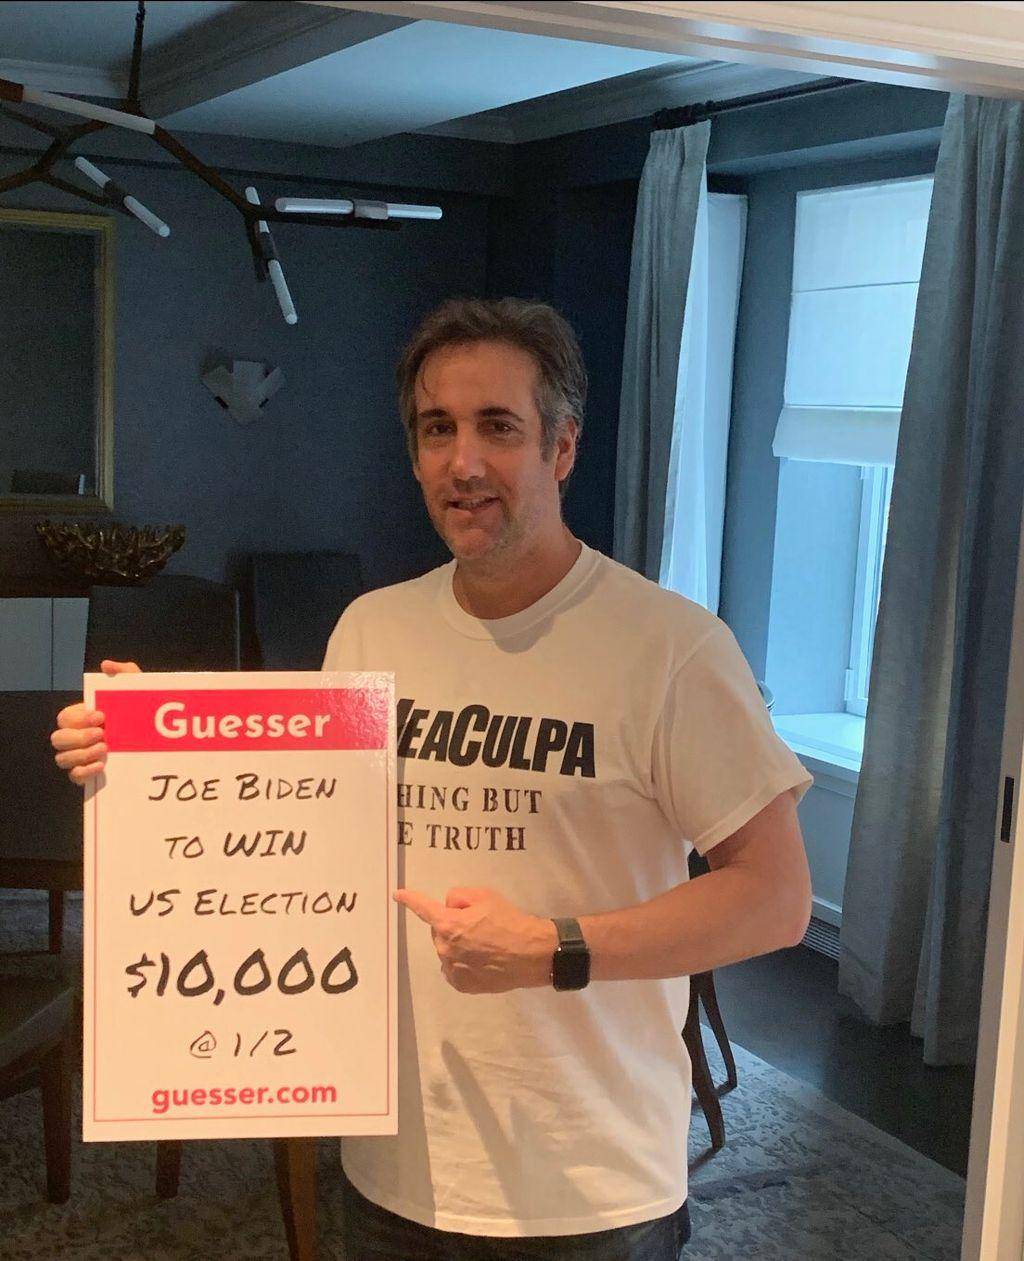 Una startup española trabaja en la monetización de los resultados electorales de EE.UU.